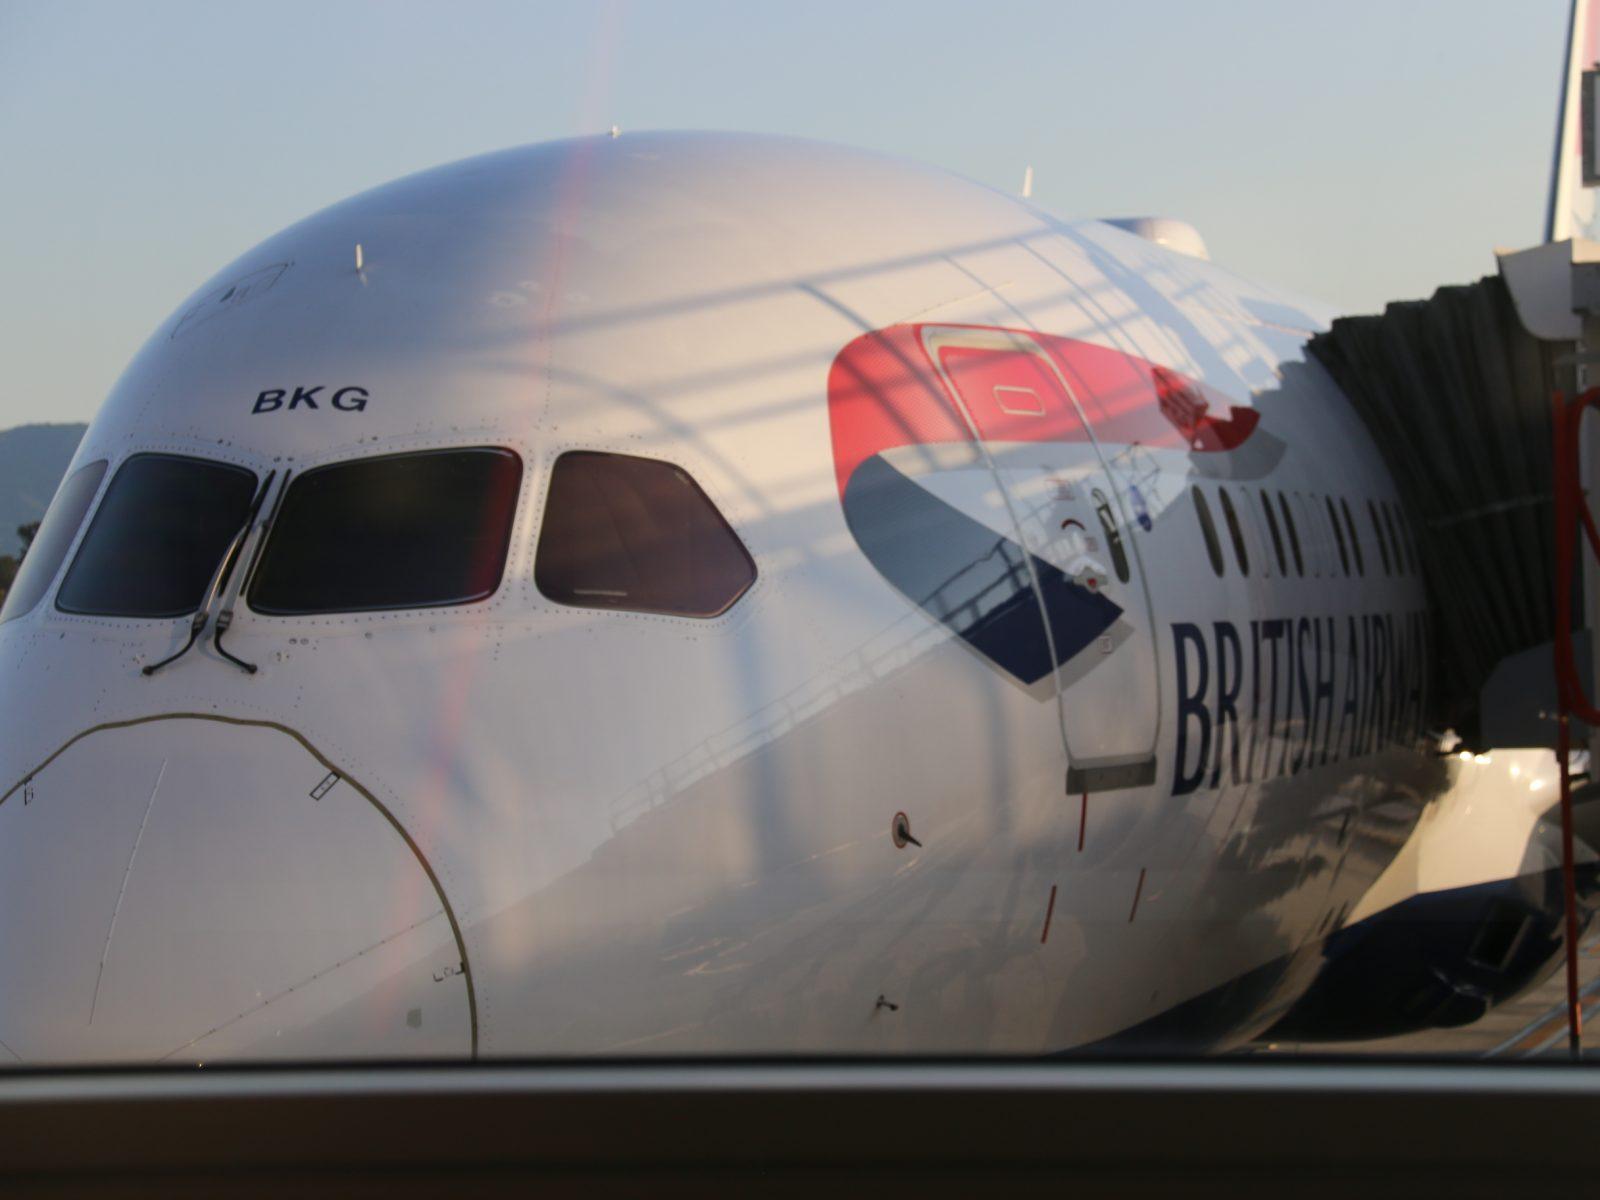 British Airways plane at San Jose Airport